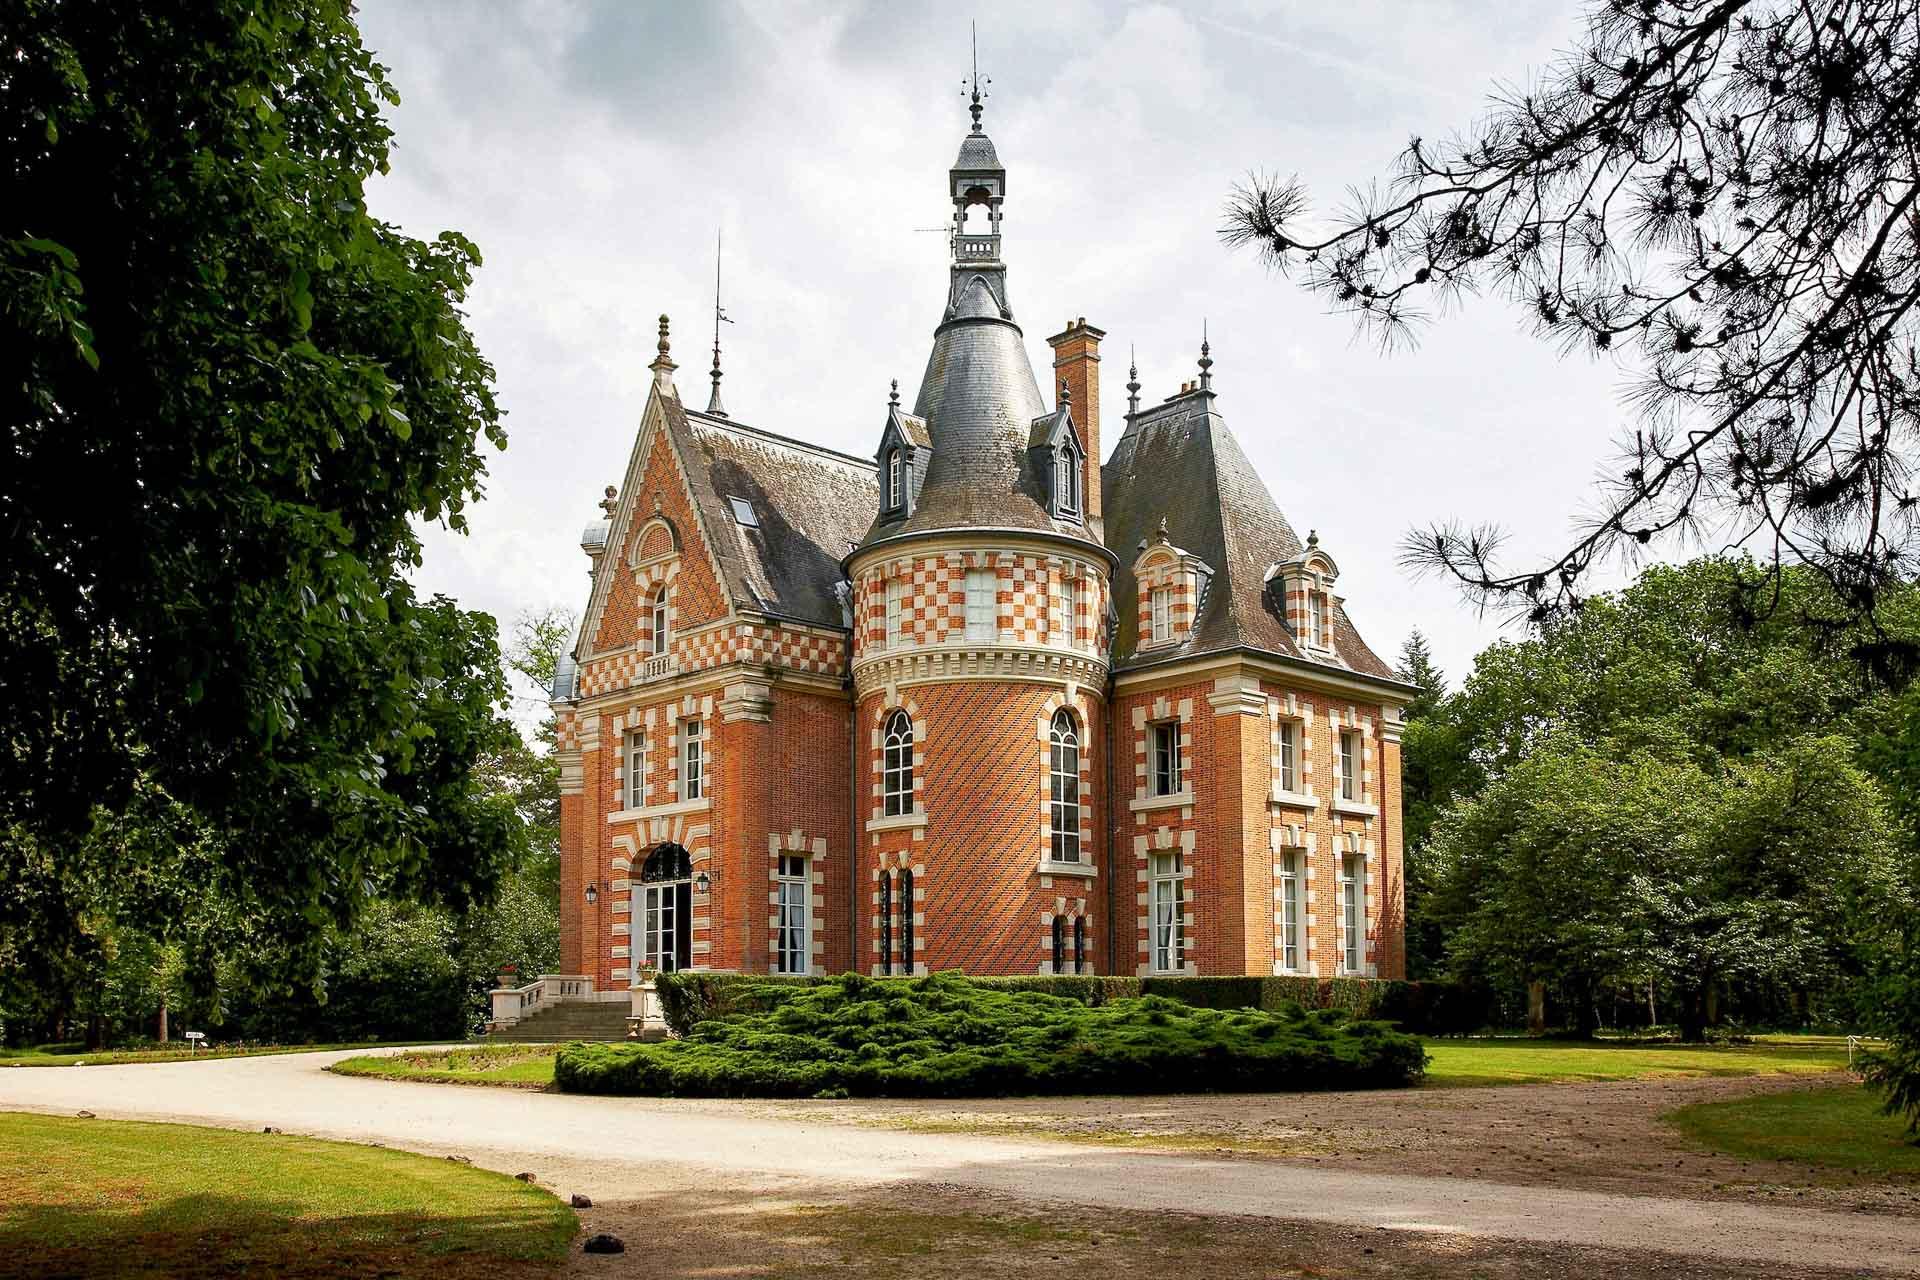 Un château accueillera les futurs hôtes du Six Senses Vallée de la Loire dont l'ouverture est prévue en 2022 © DR